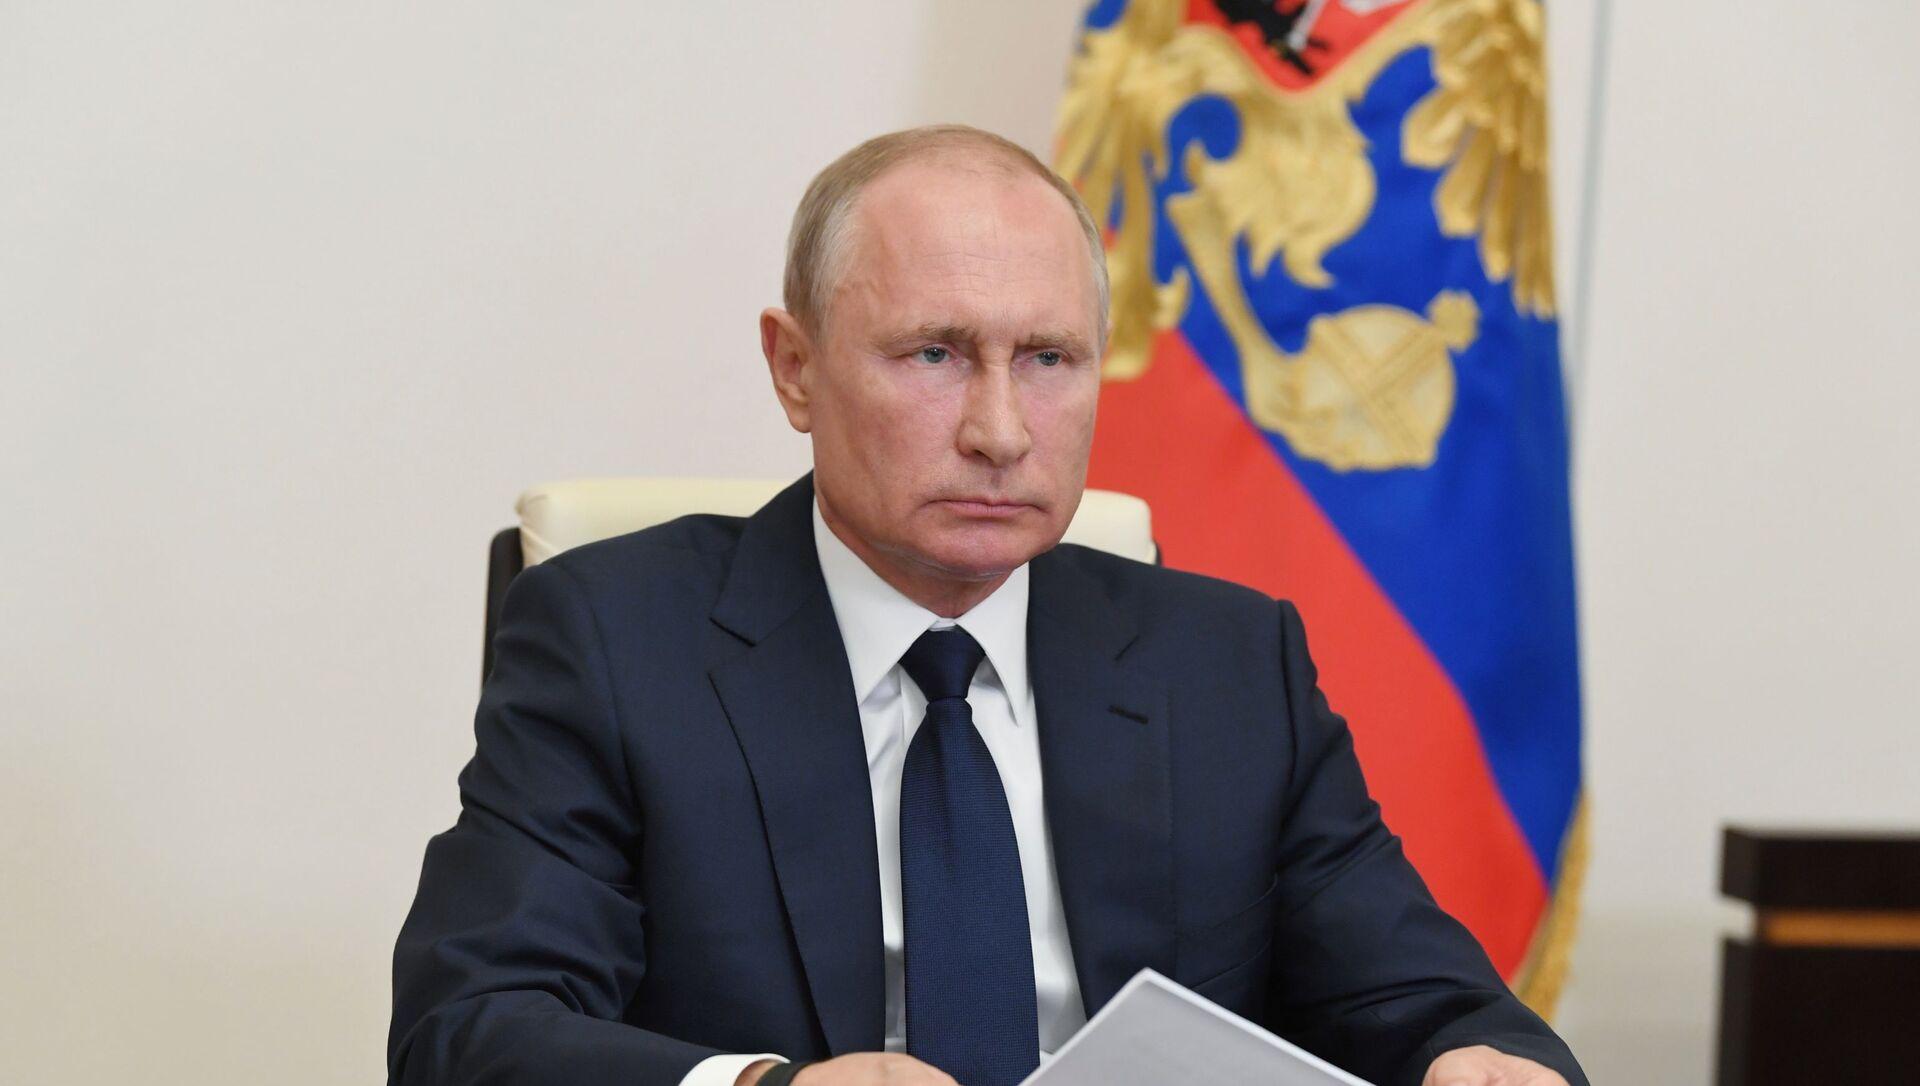 Председник Русије Владимир Путин - Sputnik Србија, 1920, 09.06.2021